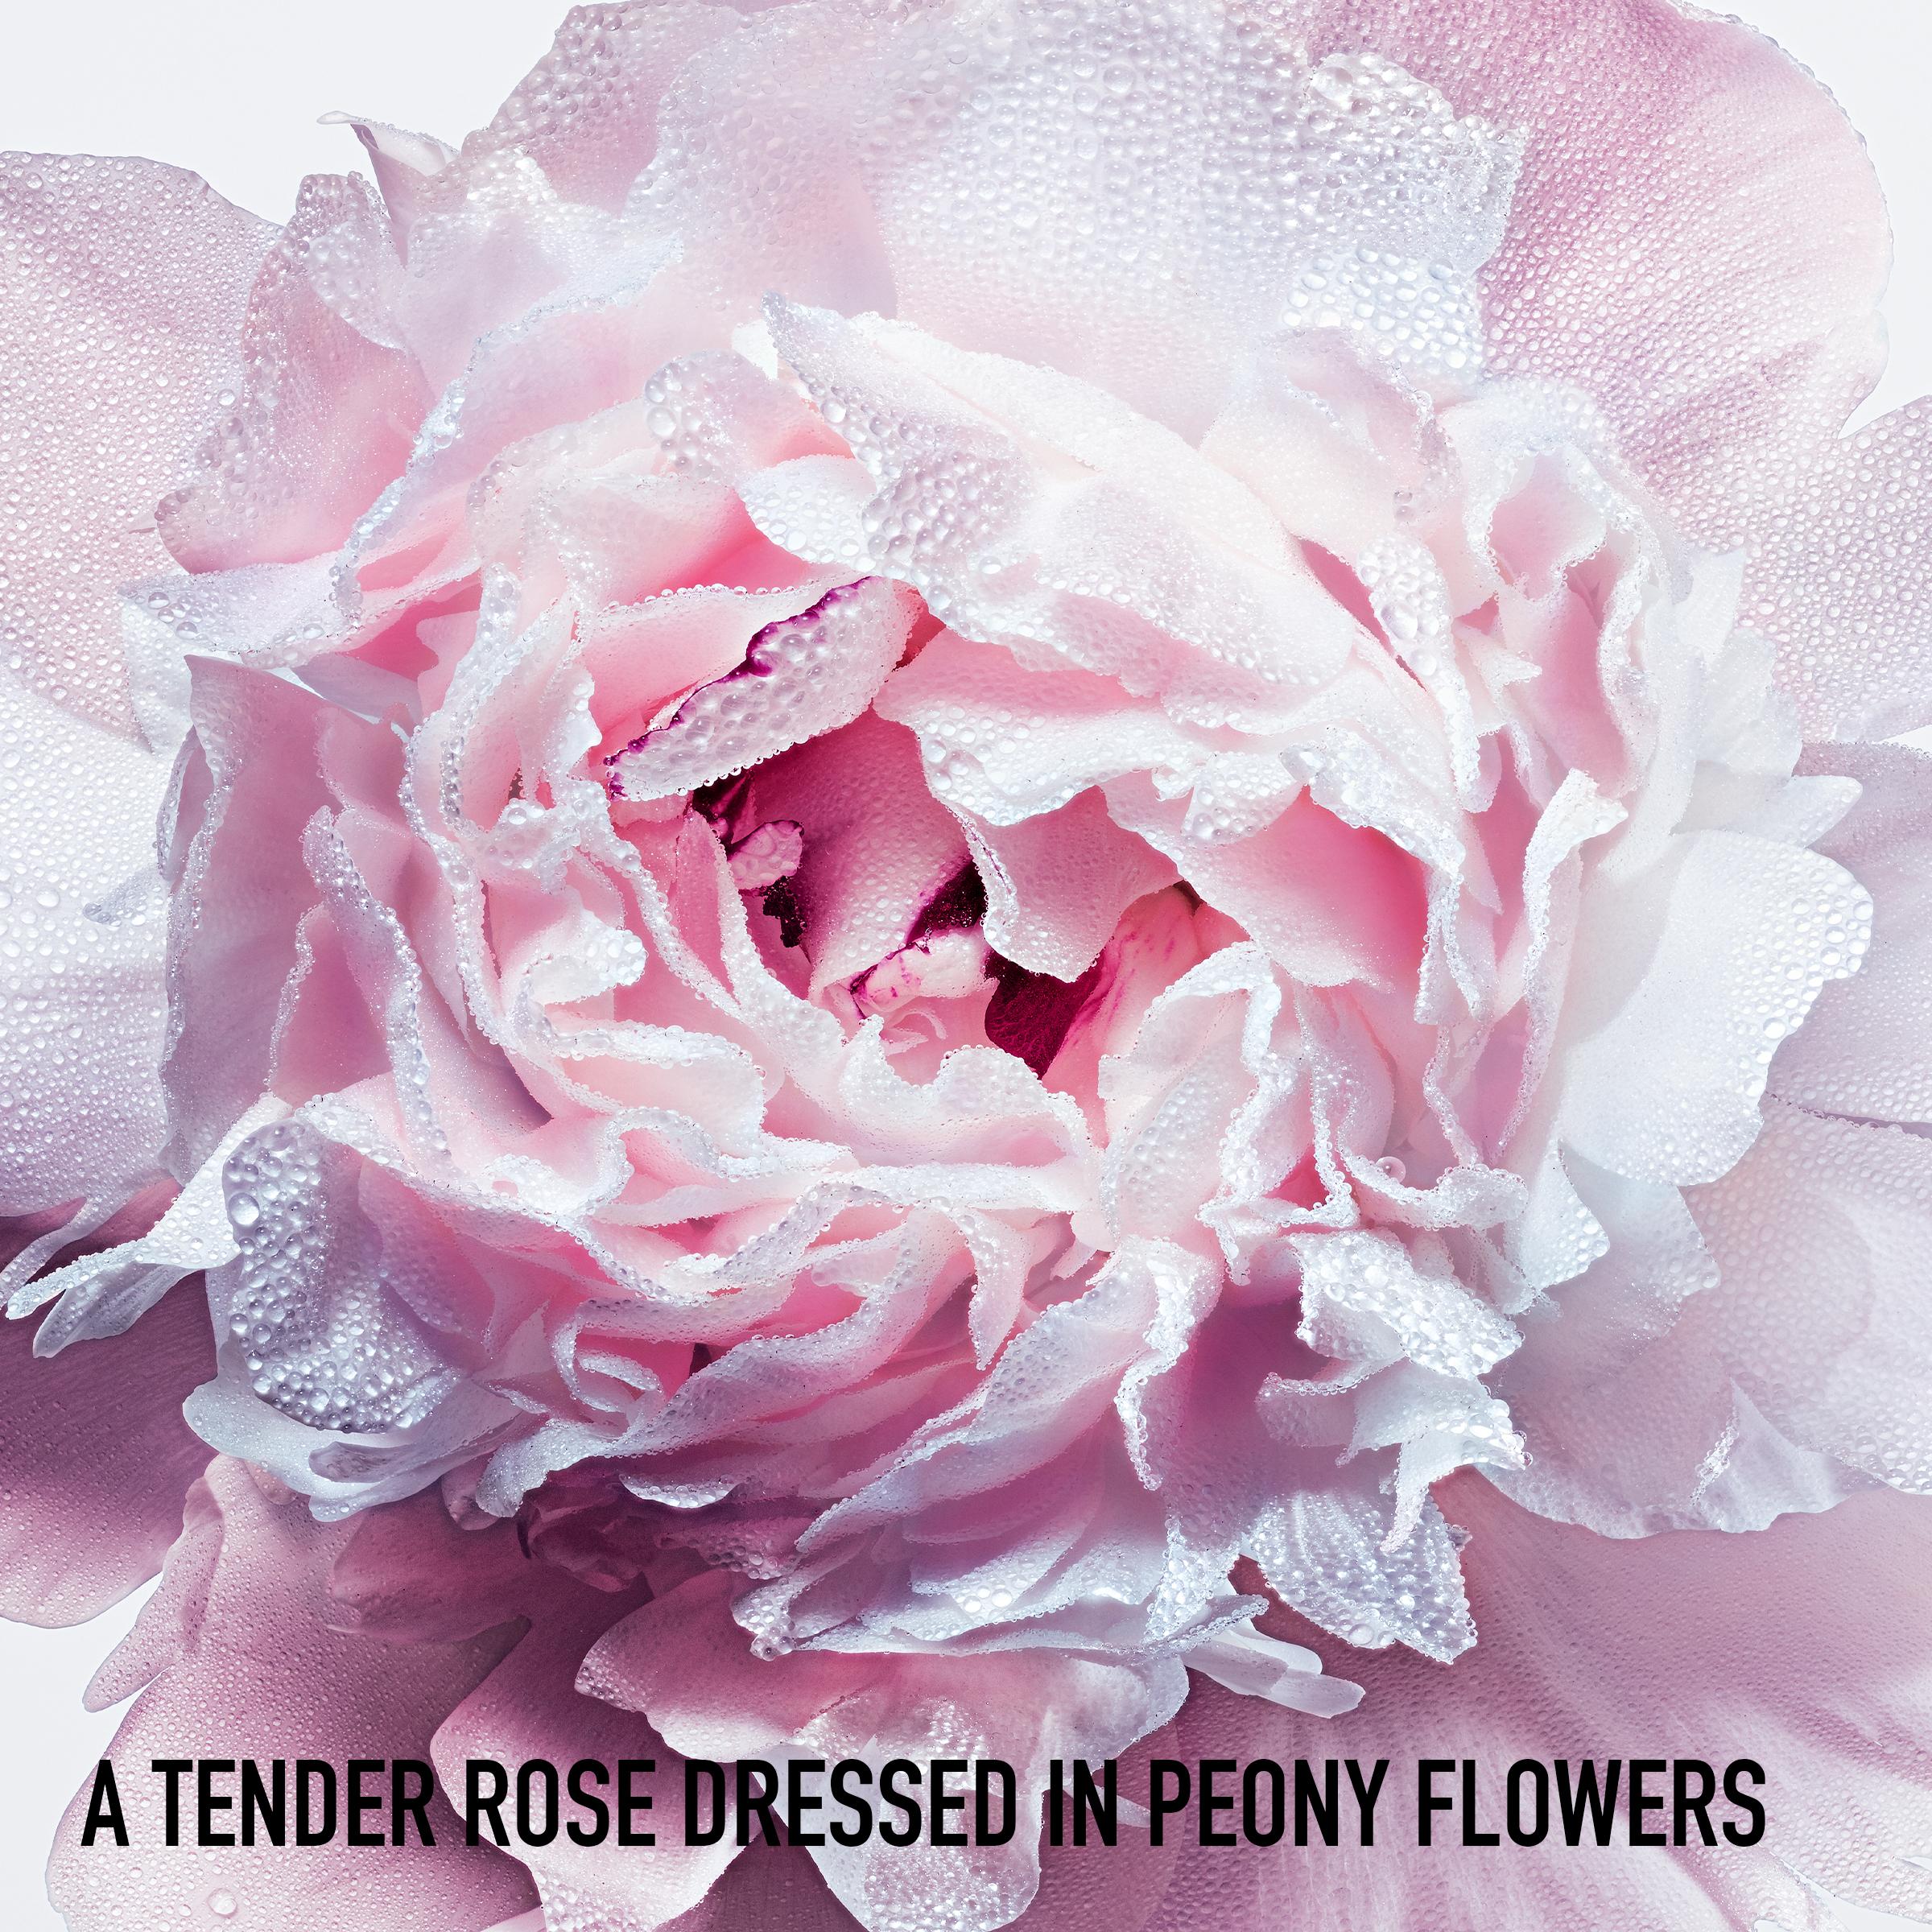 DIOR Miss Dior Blooming Bouquet Eau de Toilette, 150 ml